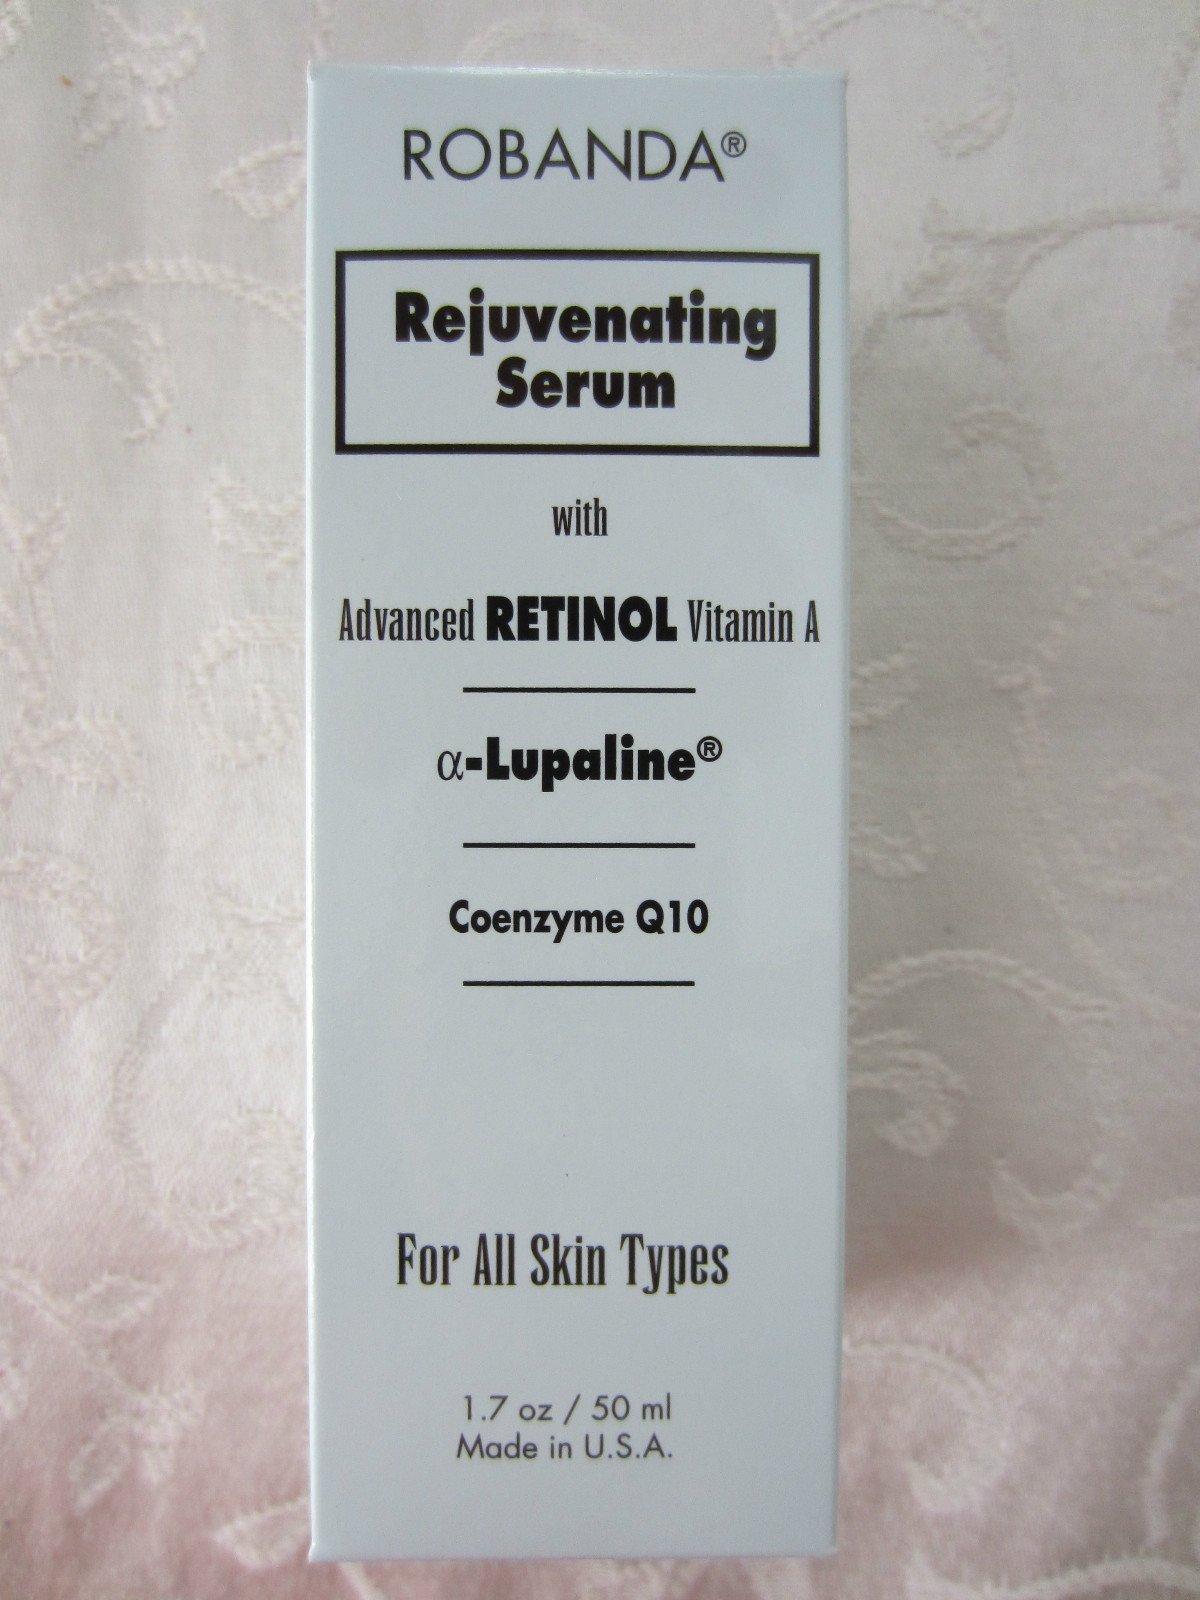 Retinol by Robanda Rejuvenating Serum, 1.7 Ounce